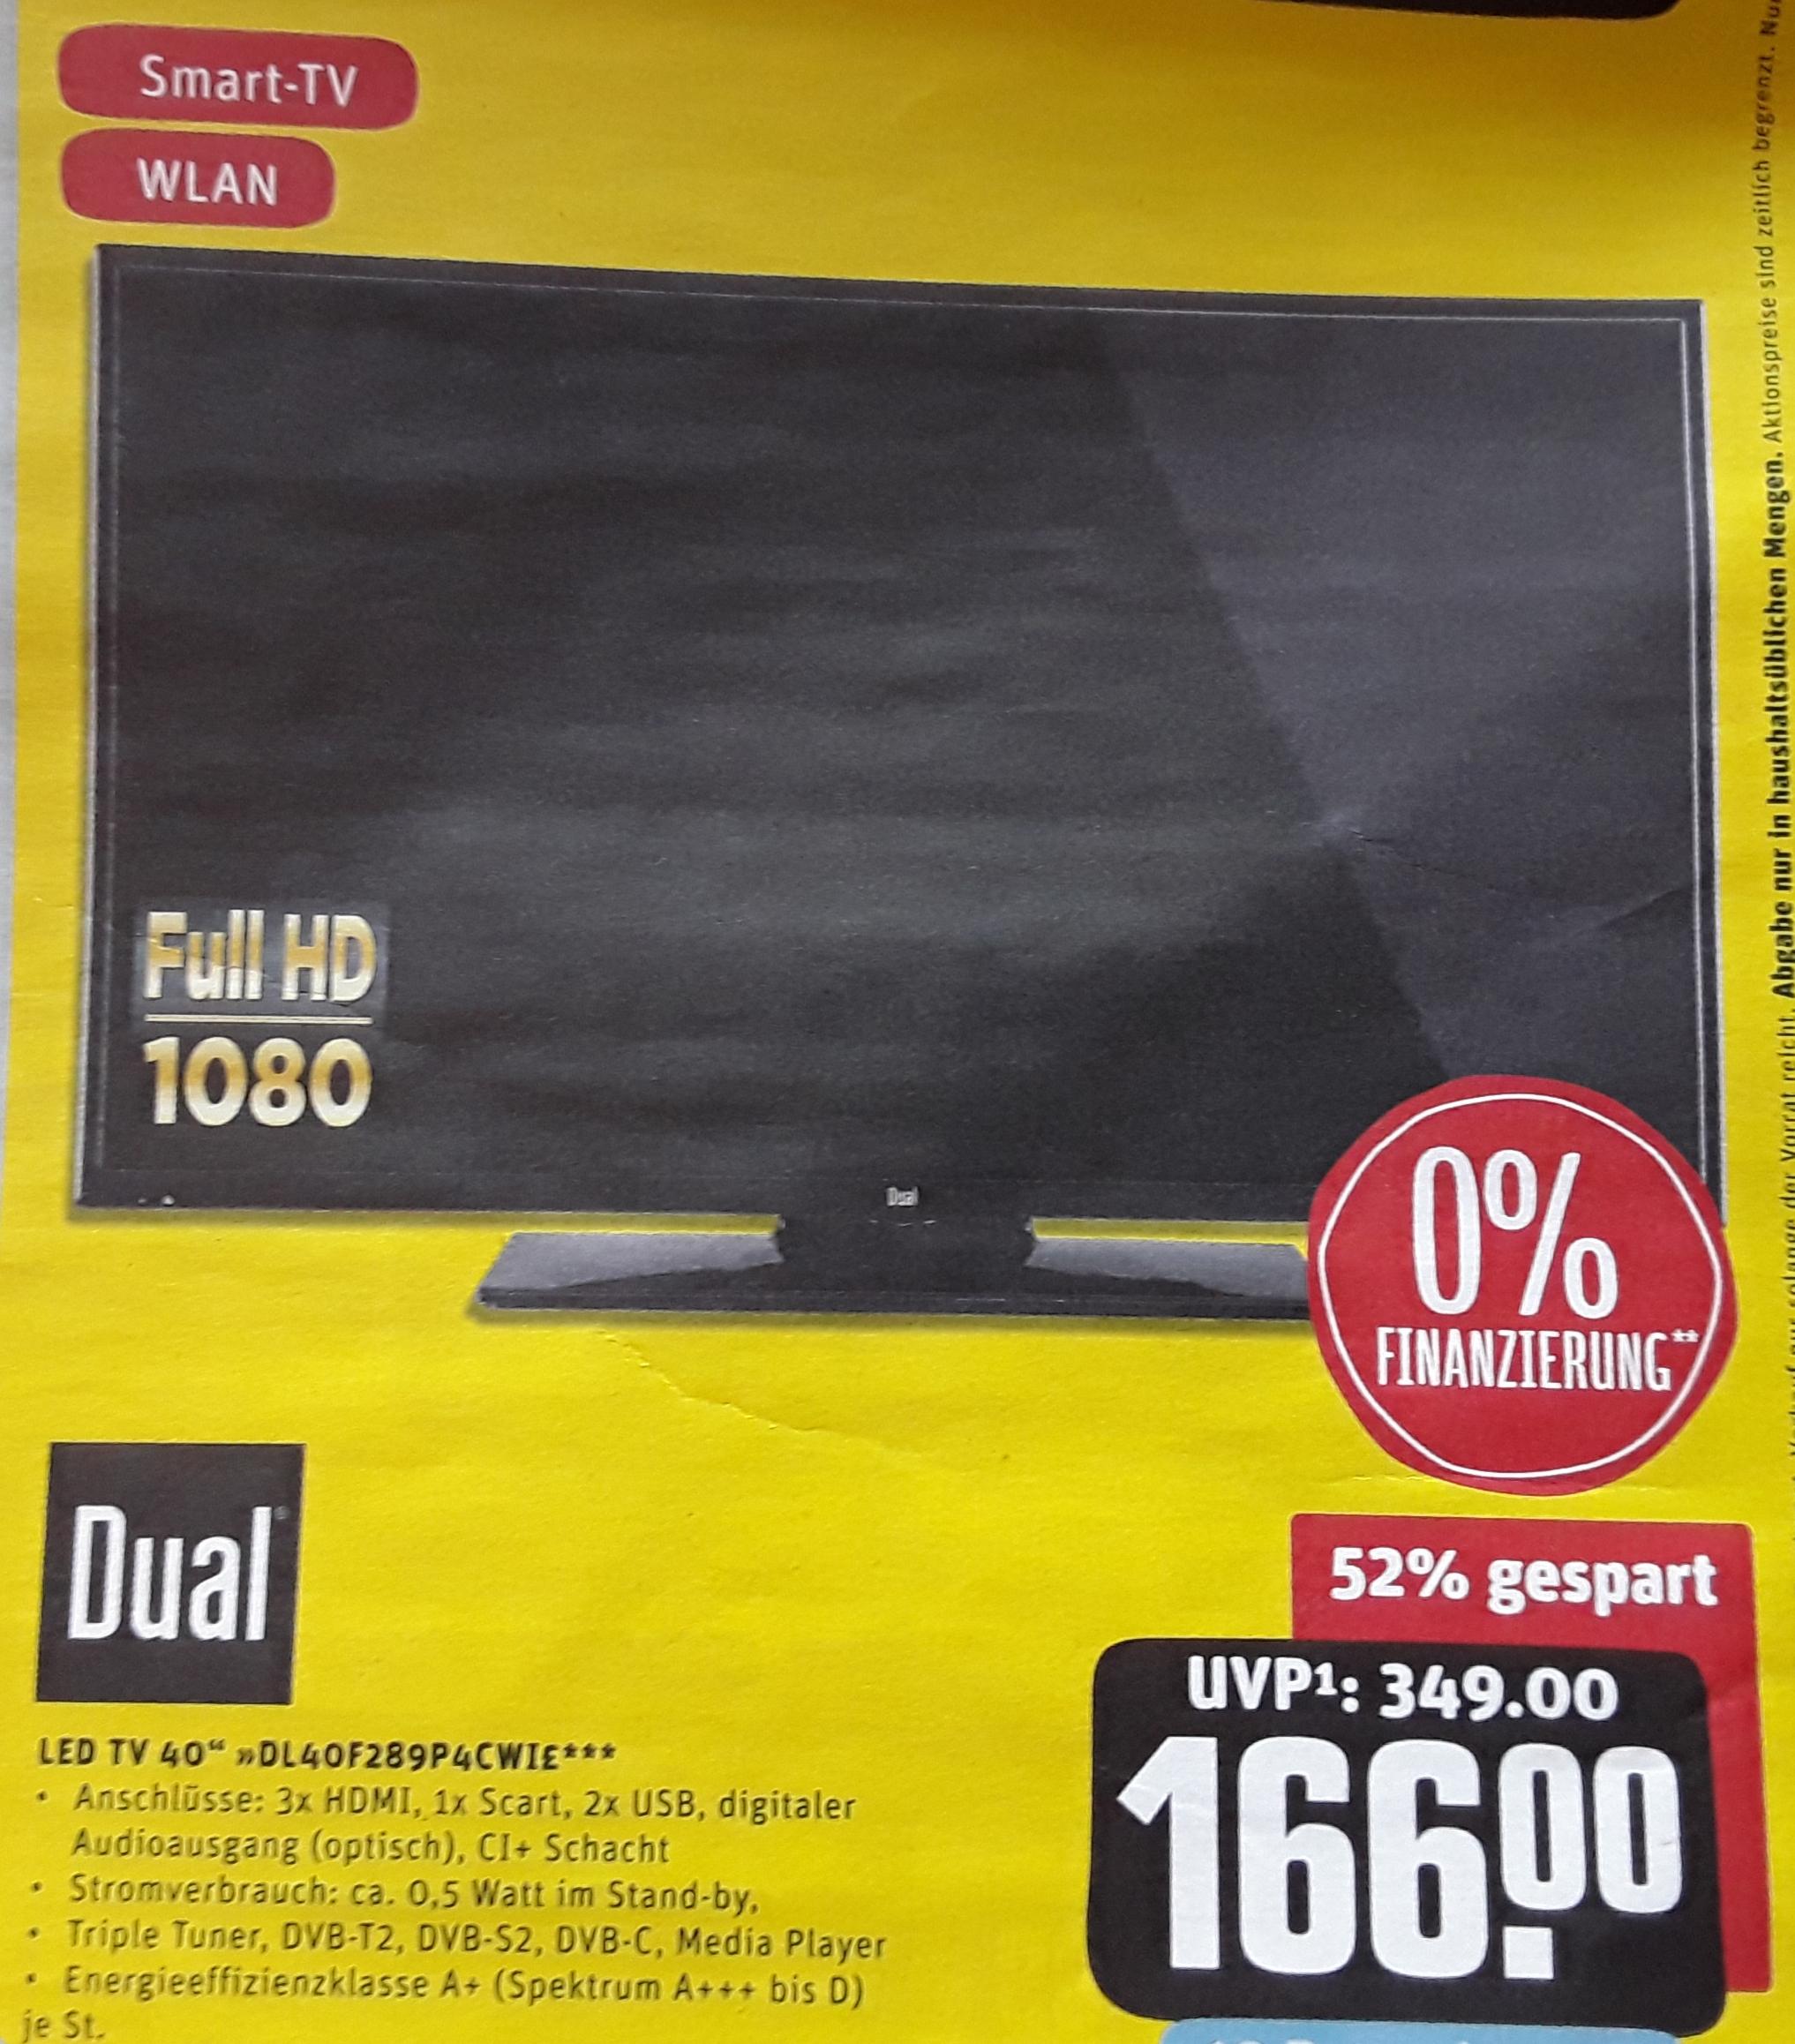 Dual 40 Zoll Full-HD-LED-Smart-TV DL40F289P4CWIE , Tripletuner, für 166 € (157,30 € möglich) @ Rewe-Center ab 16.09.